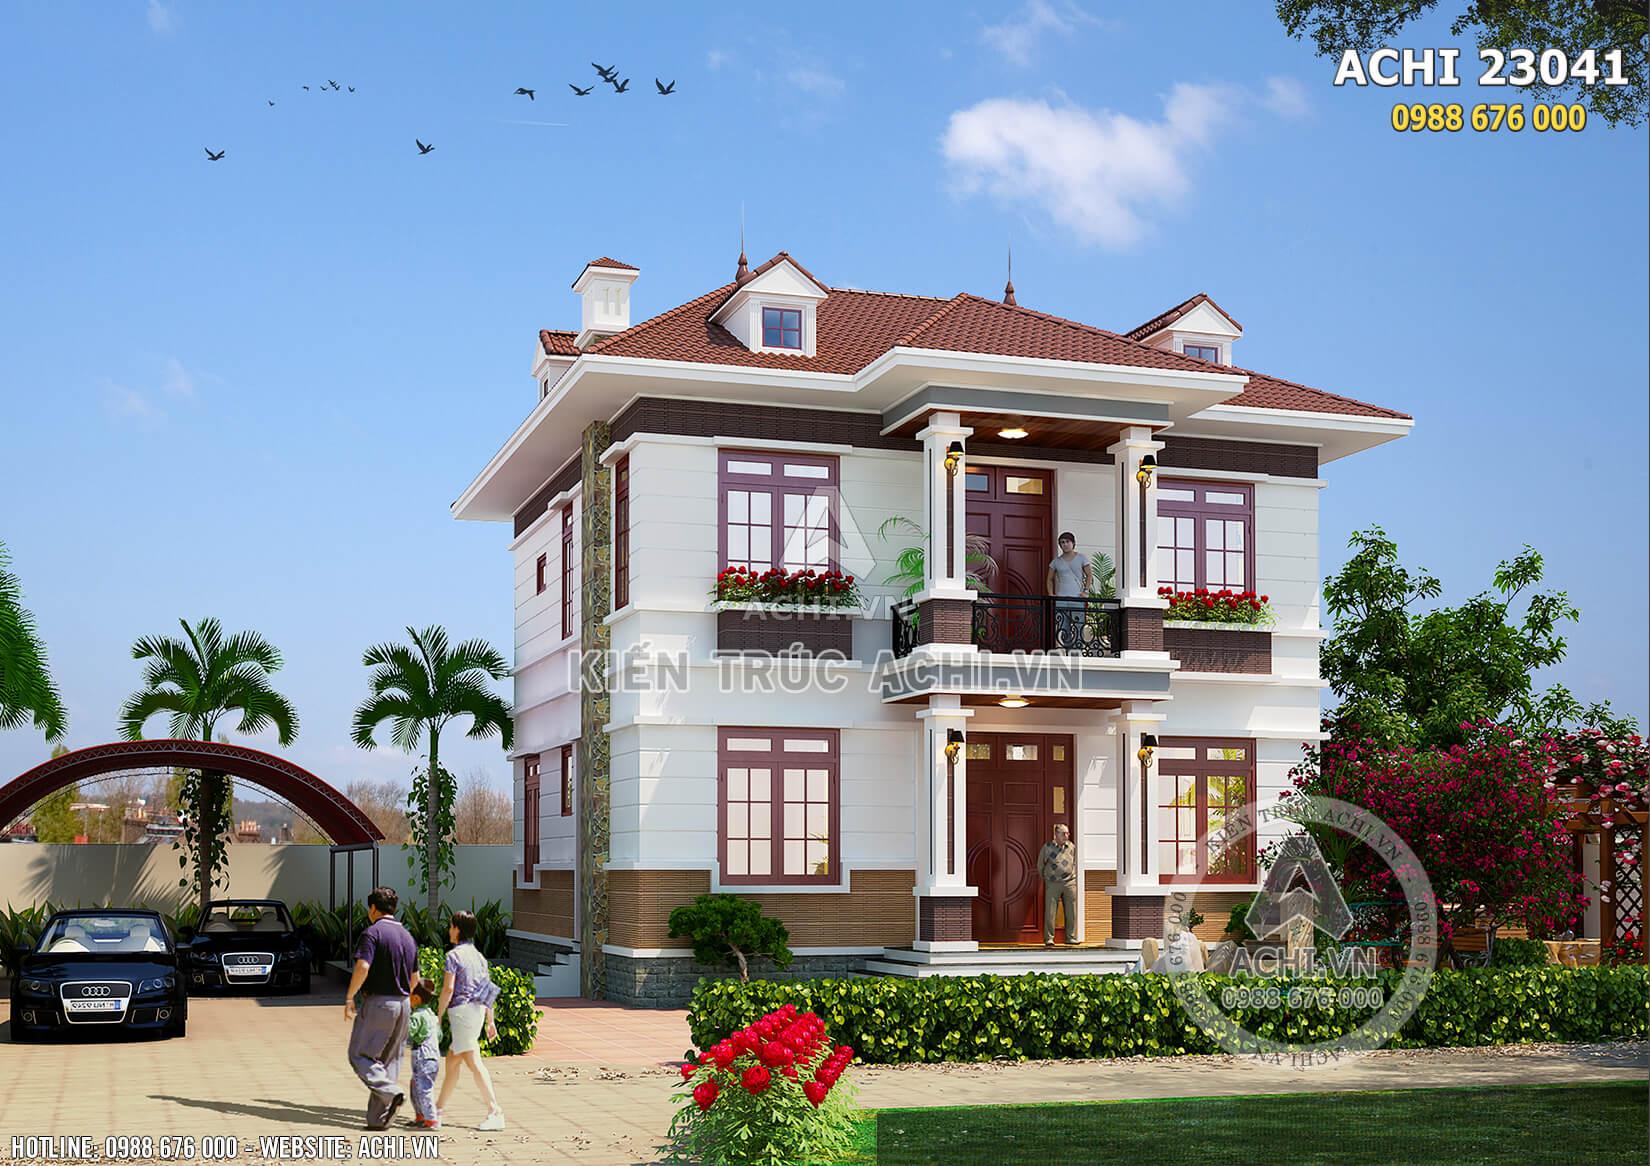 Một góc nhìn của mẫu thiết kế nhà vuông 2 tầng mái thái đẹp tại Hưng Yên